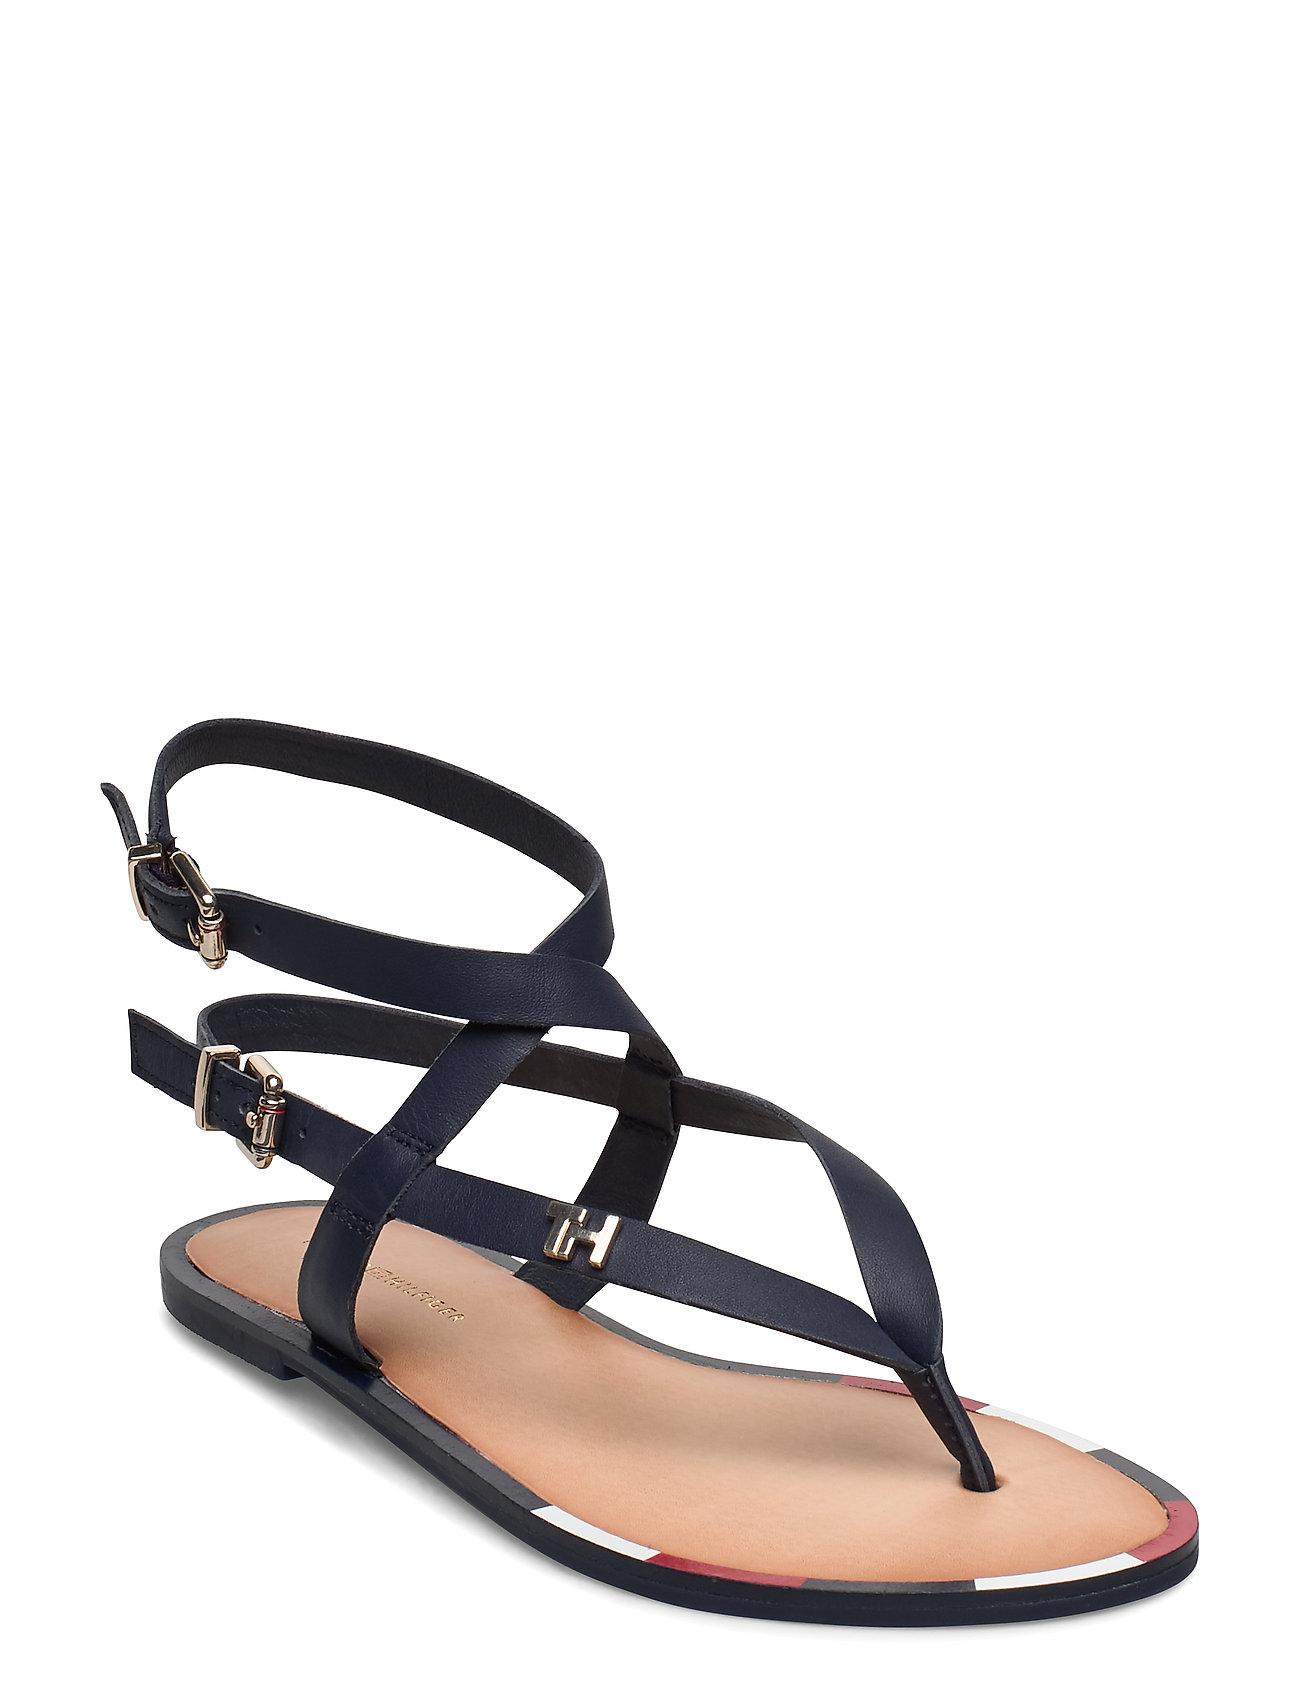 Image of Fem Elastic Flat Sandal Shoes Summer Shoes Flat Sandals Blå Tommy Hilfiger (3377375003)